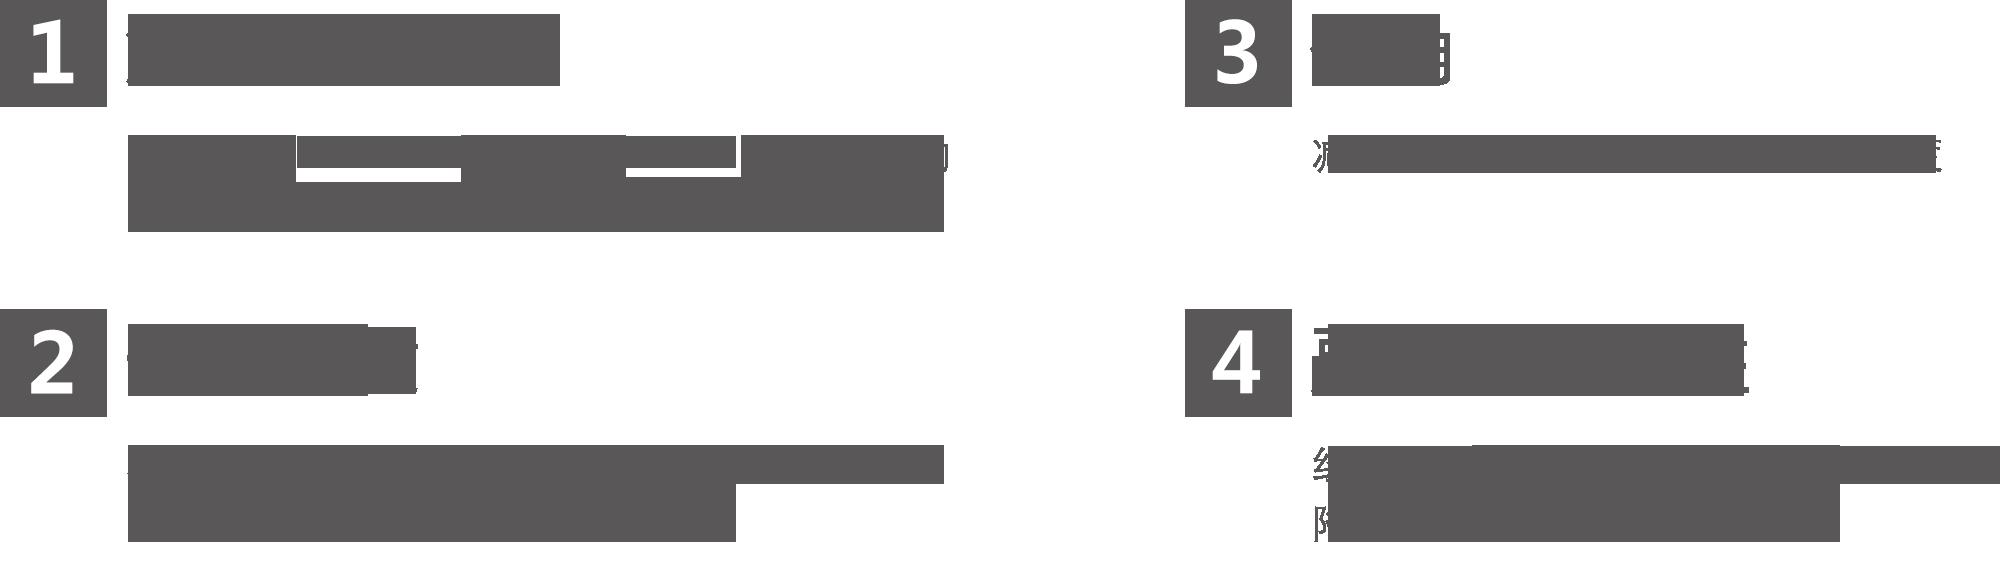 制豹陶瓷刹车片优势分析